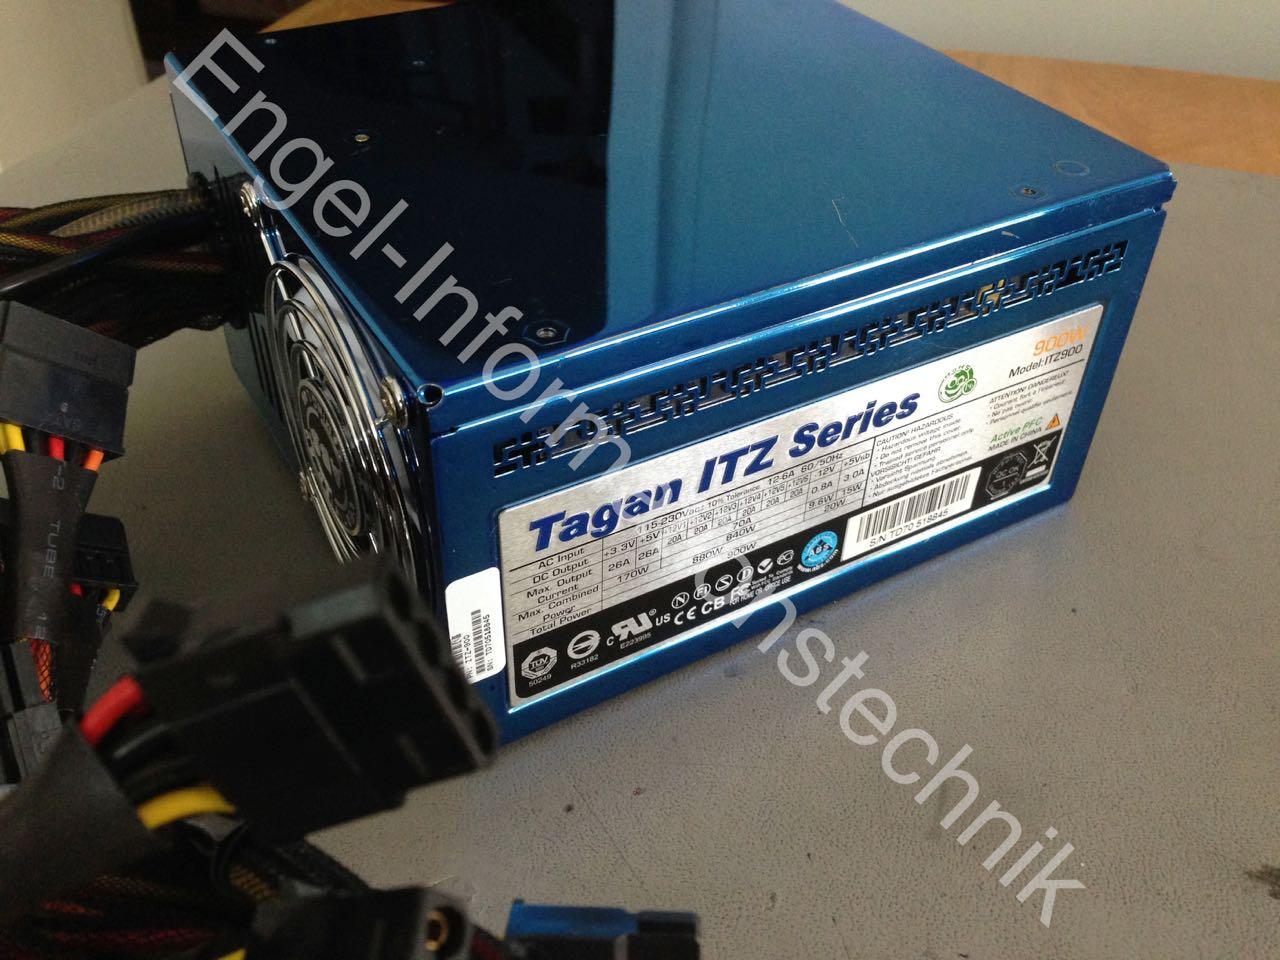 ITZ900